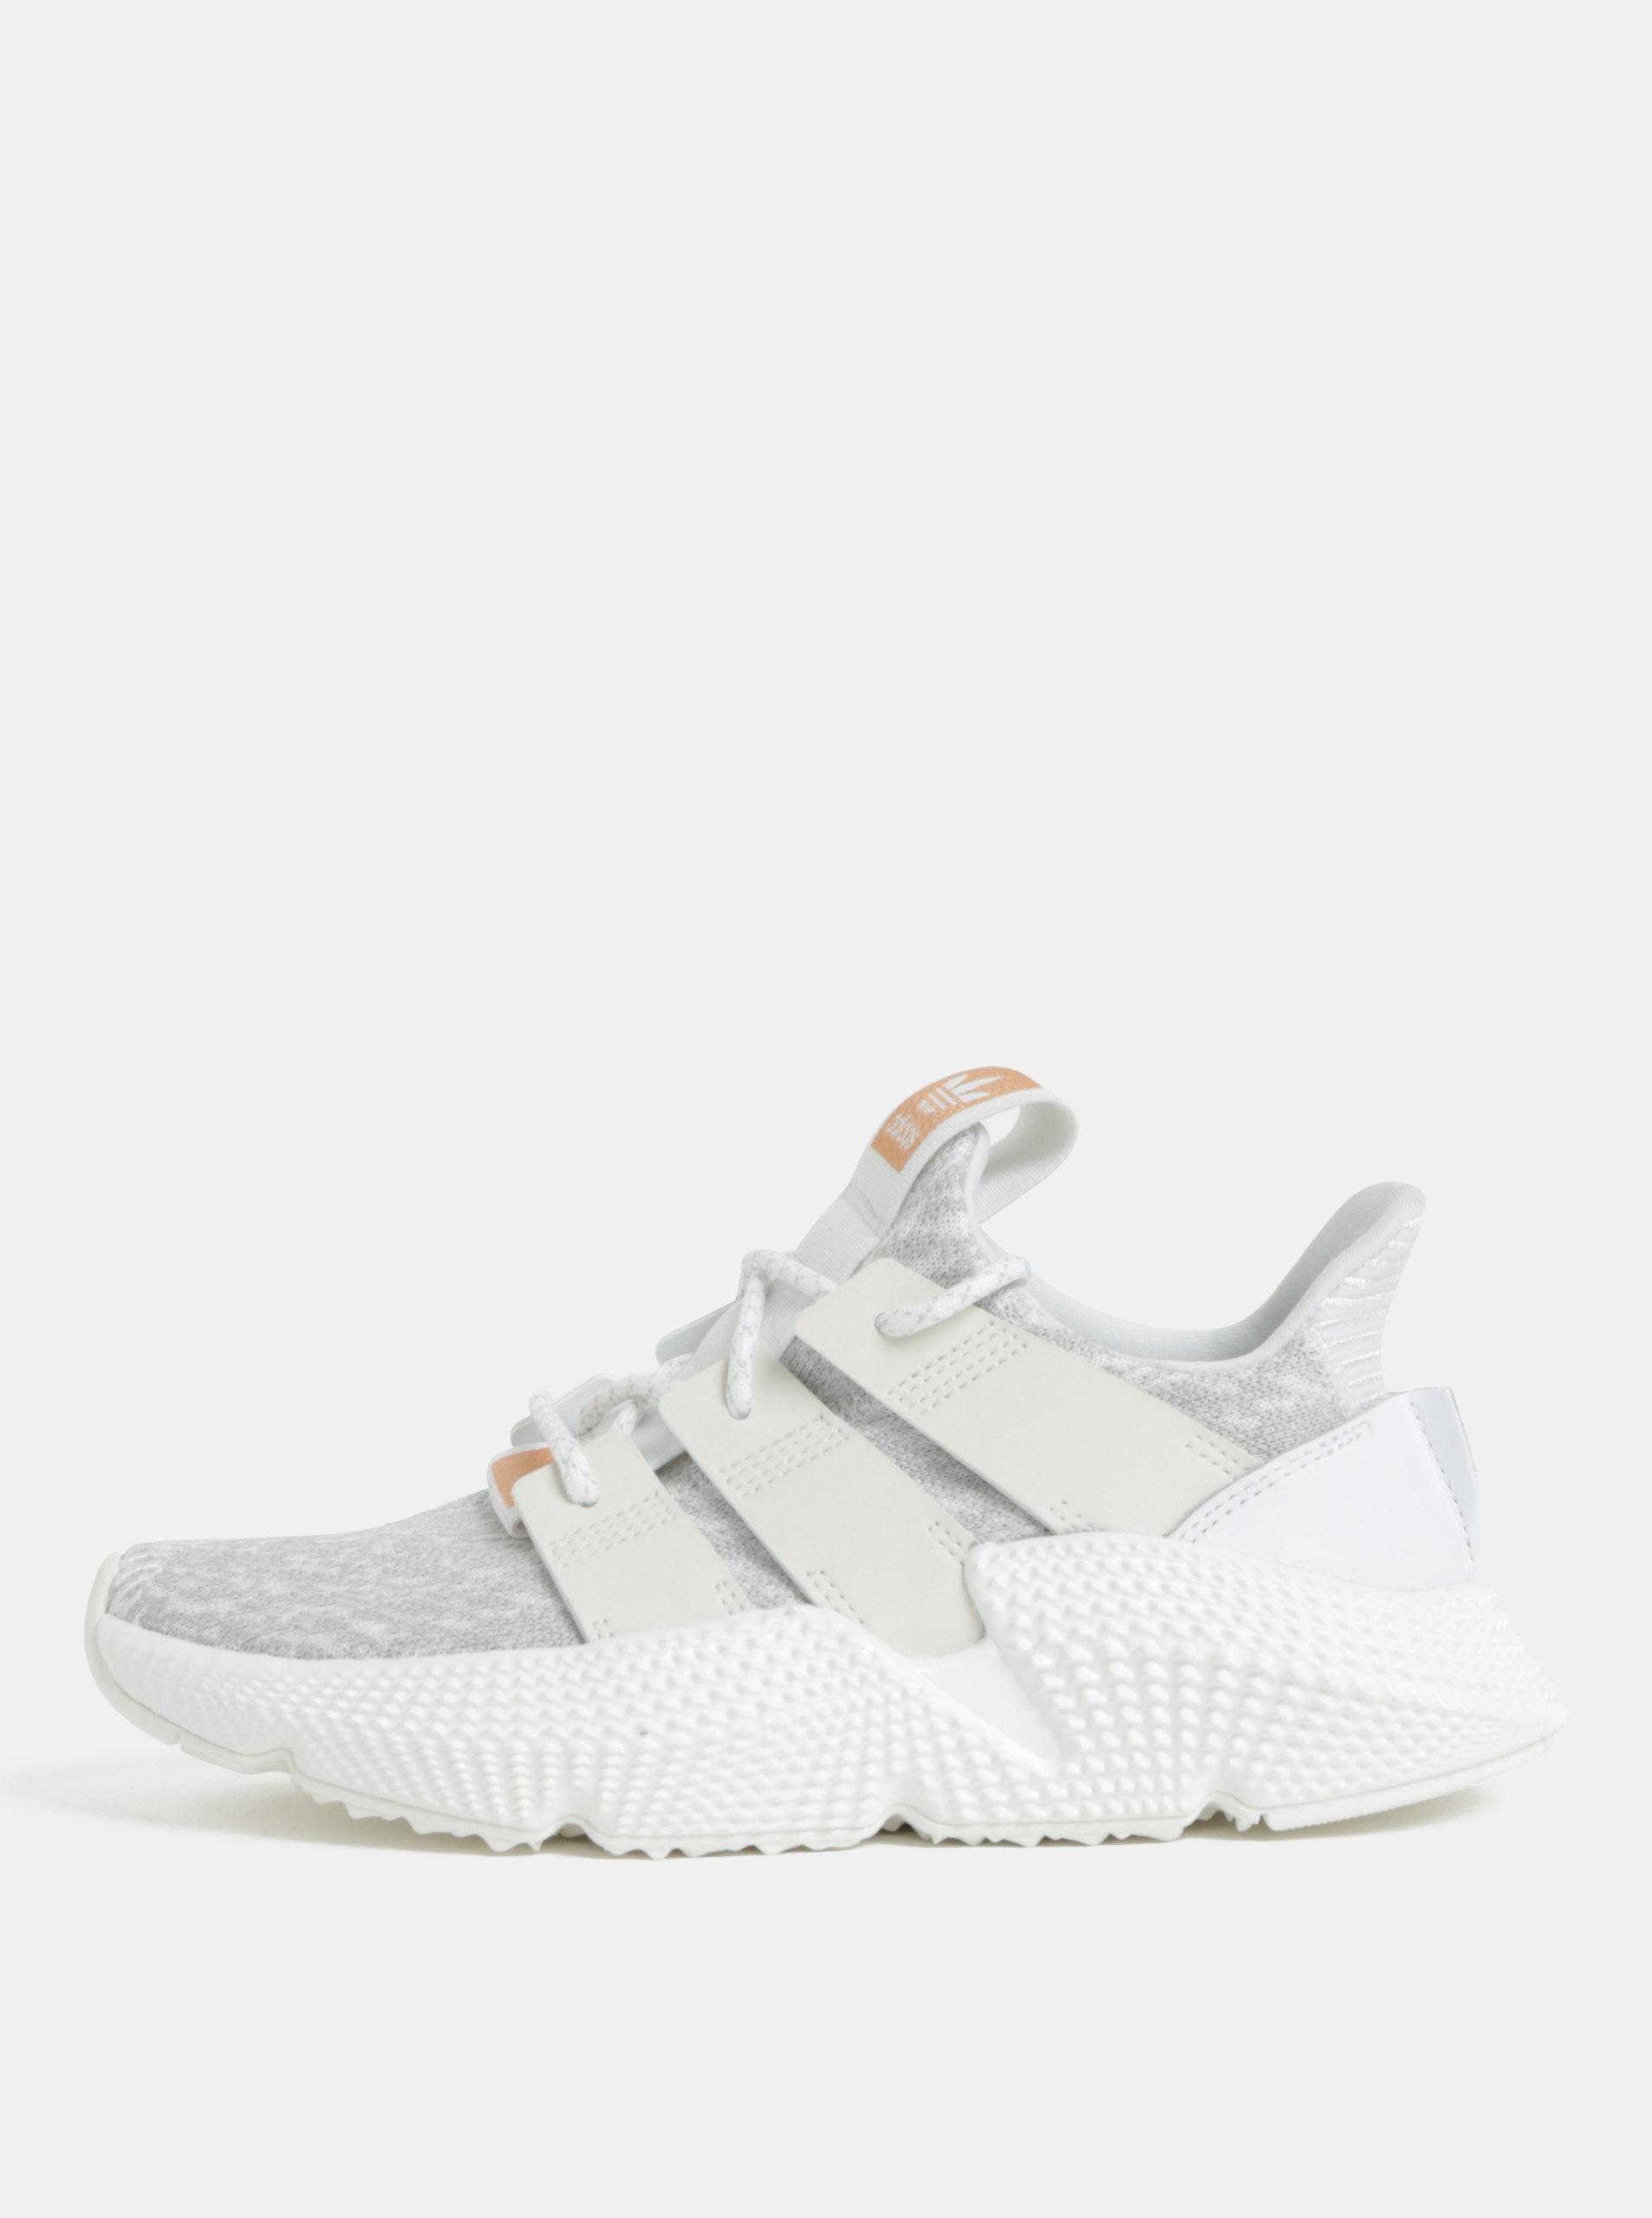 616be1f566a Šedo-bílé dámské tenisky adidas Originals PROPHERE ...